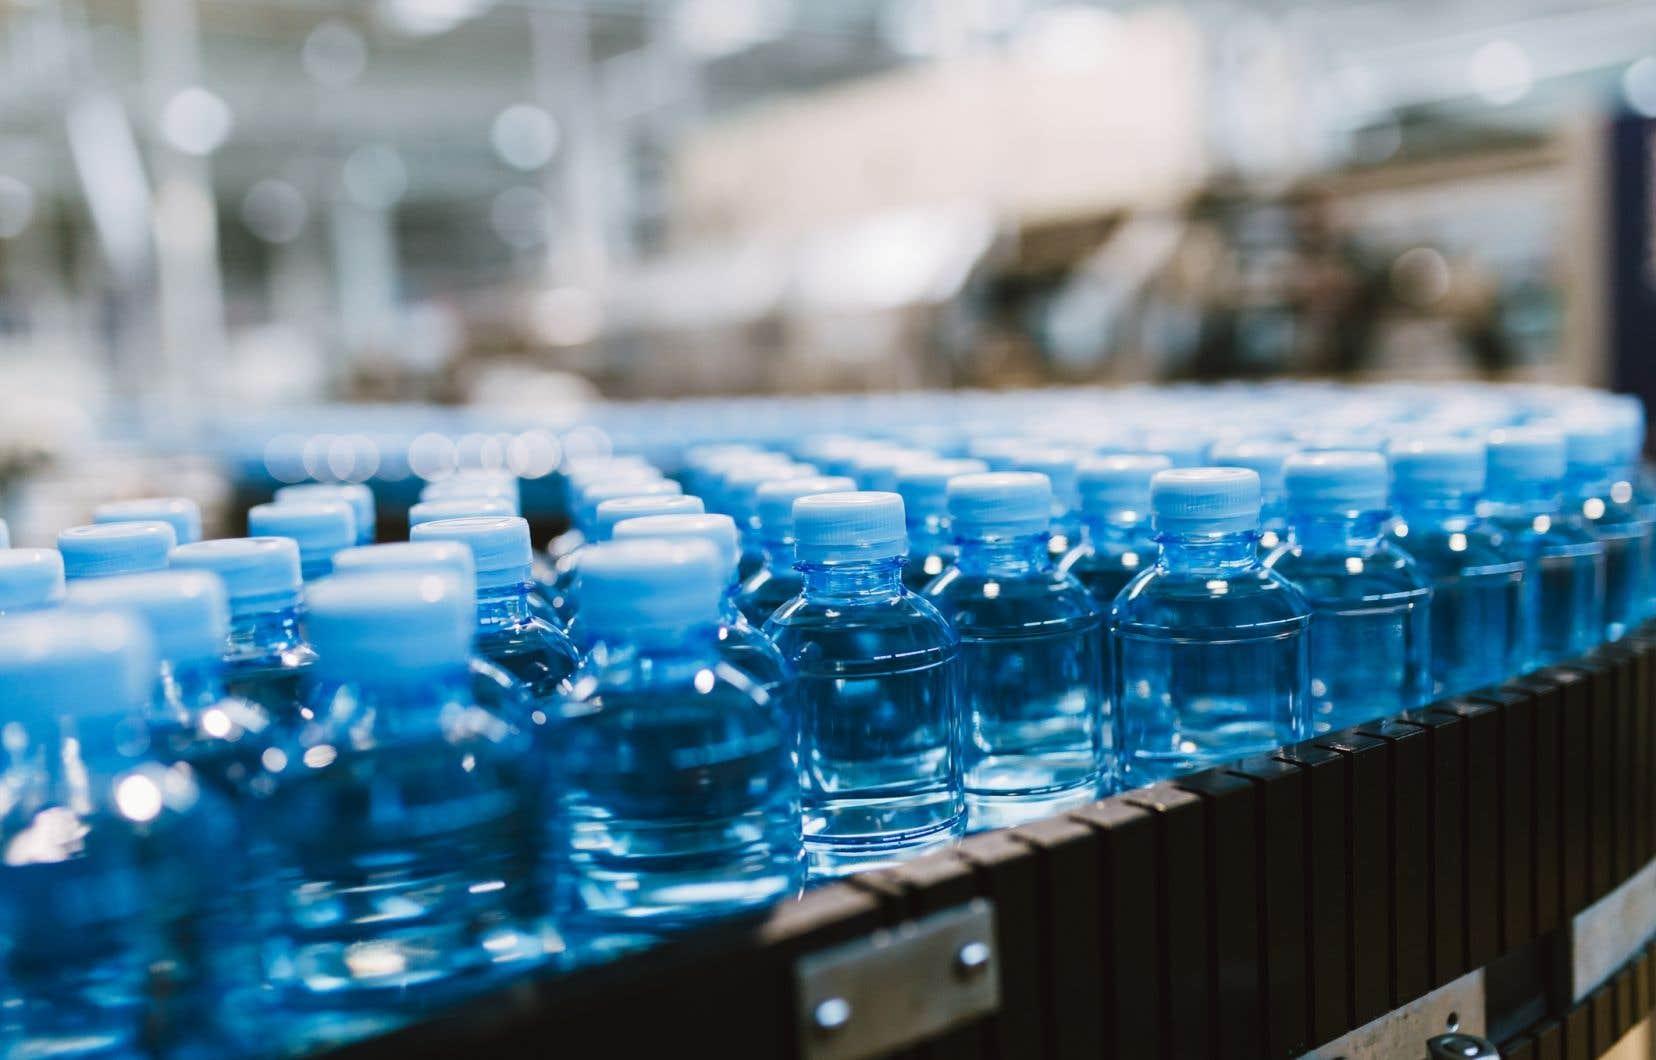 Du plastique a été trouvé dans 93% des échantillons d'eau en bouteille de plusieurs marques comme Evian, Nestle Pure Life, San Pellegrino, Aqua, Aquafina ou Dasani.